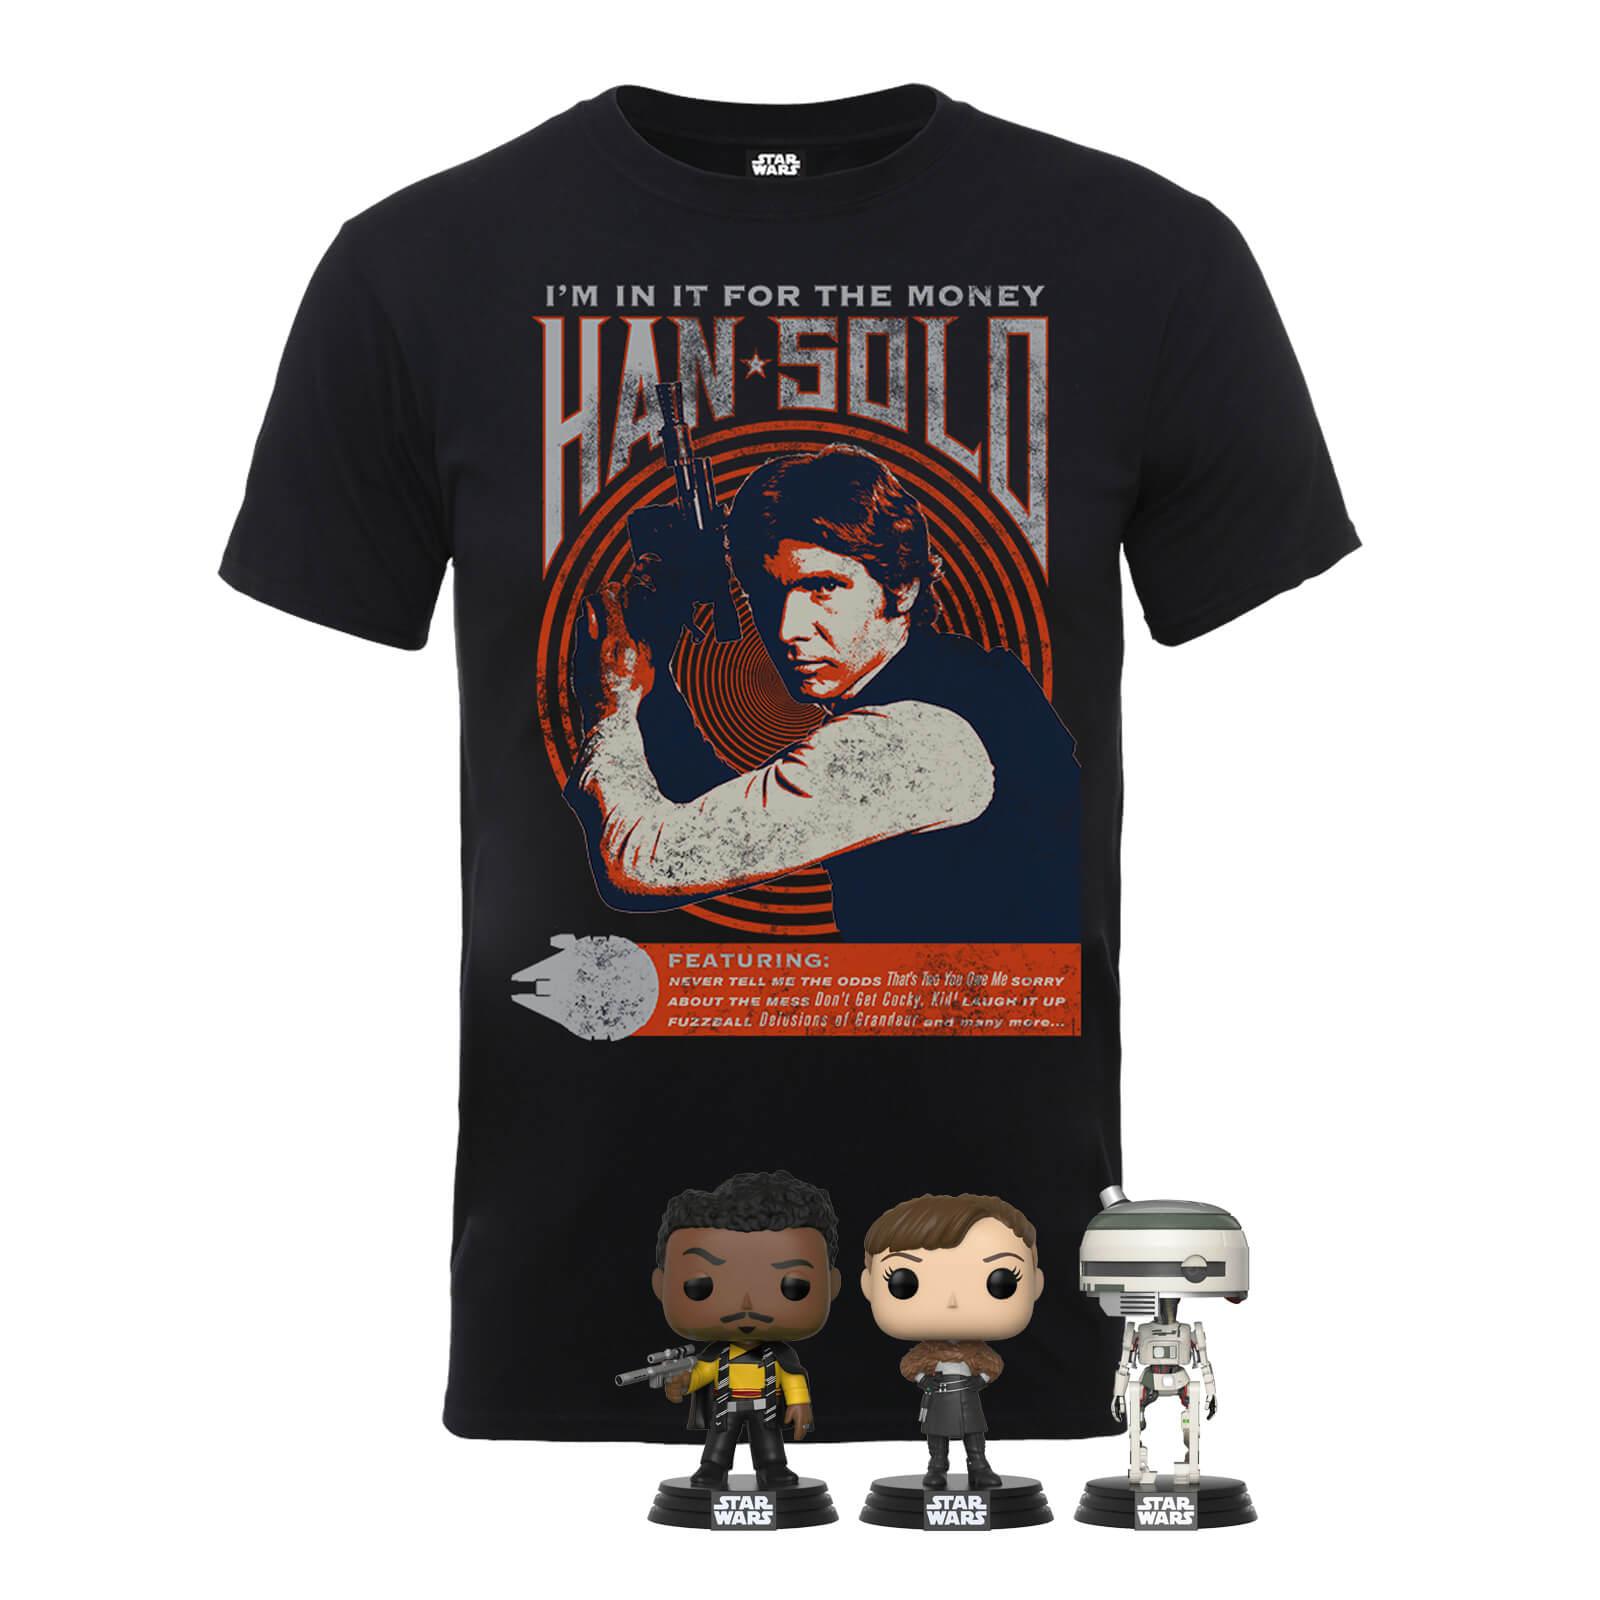 Han Solo Star Wars Shirt + 3 POP Figuren für 20,48€ (statt 44€)